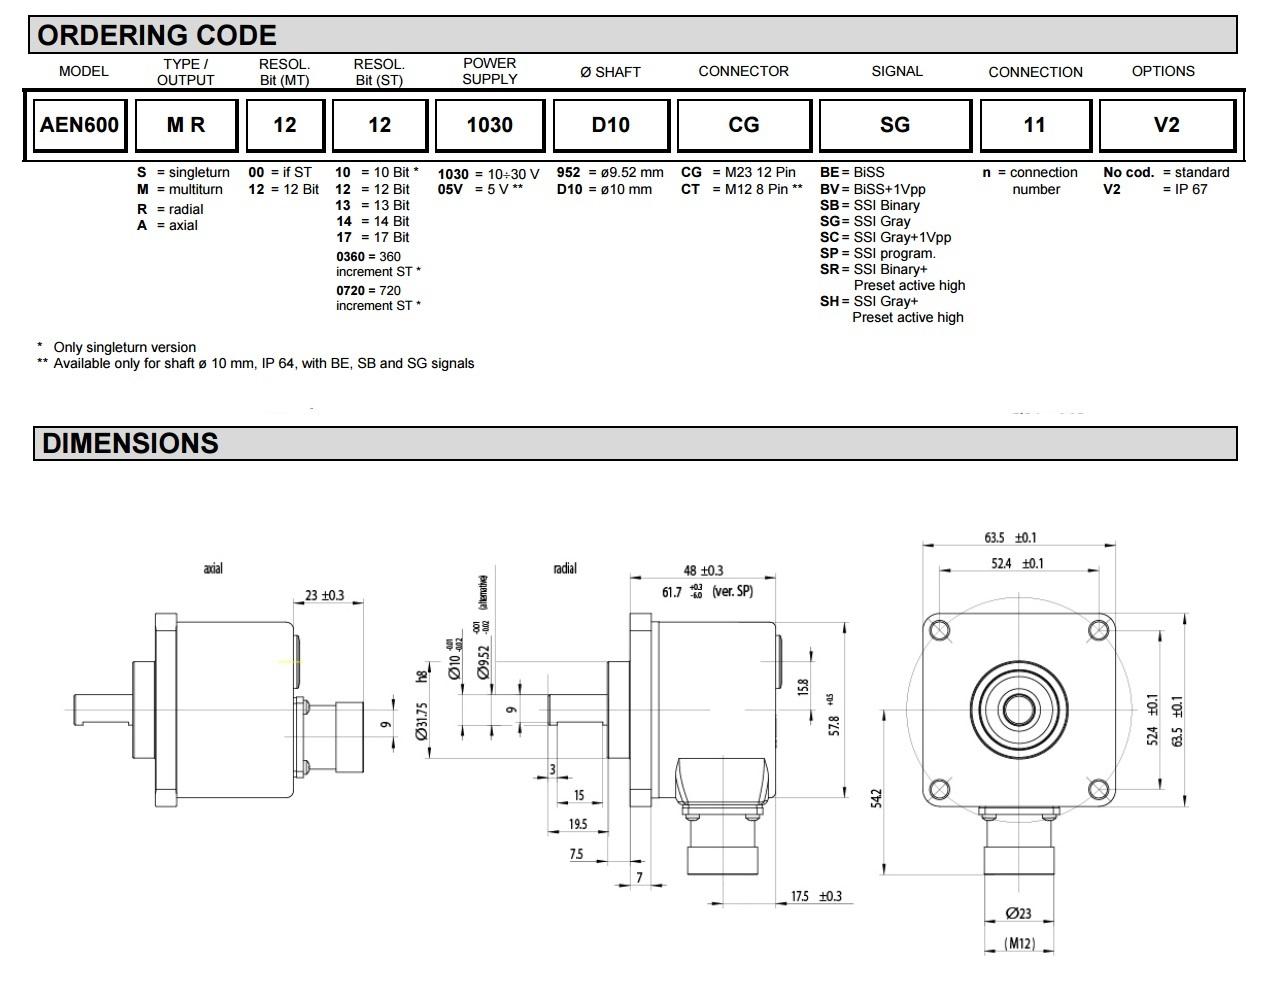 紧凑的设计绝对式旋转编码器,基于光学原理。 单圈分辨率可达17位。多圈分辨率达12位。 高精度和高稳定性的信号。 线性LSB(1 LSB的决议> 13位)。 串行接口(SSI,BISS,有或没有1 Vpp模拟信号)、现场总线(Profibus, CANopen,DeviceNet)或平行。 几个法兰可用。 IP 67防护等级可。 铝法兰和编码器本身。 轴向或径向输出(与连接器或电缆)。 高转速(12000转)。 诊断:警告、LED显示、温度测量、报警点。